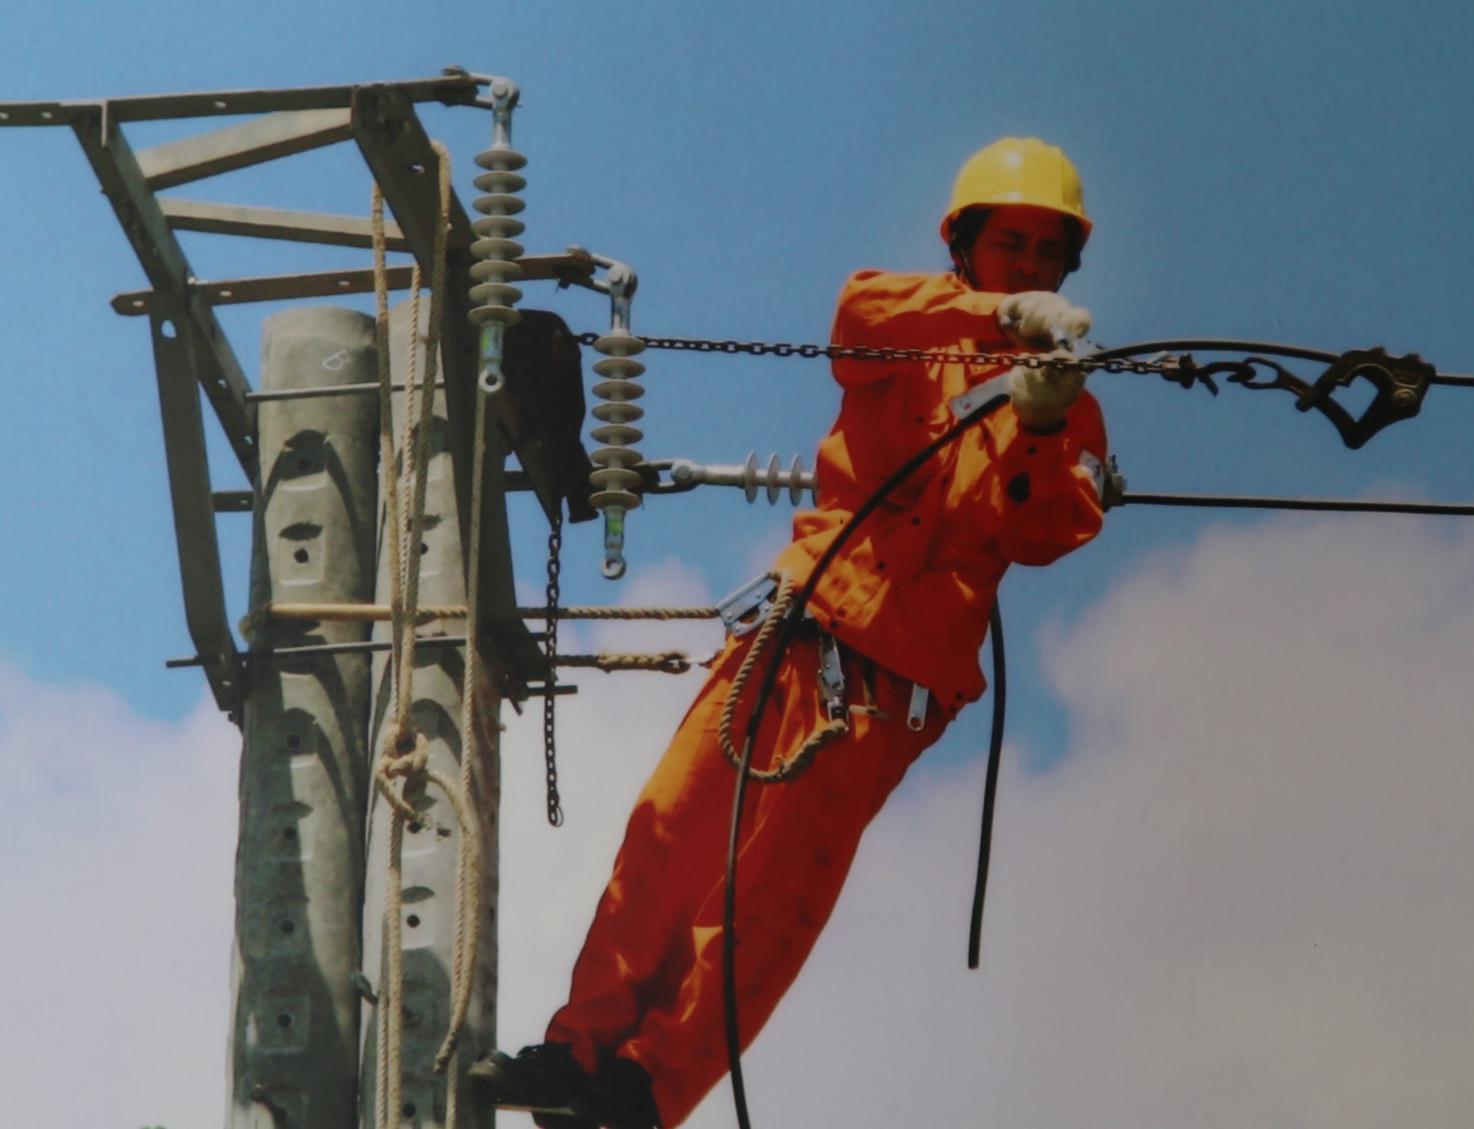 Công đoàn Cty Cổ phần Điện lực Khánh Hòa: Sức bật thi đua sau cổ phần hóa